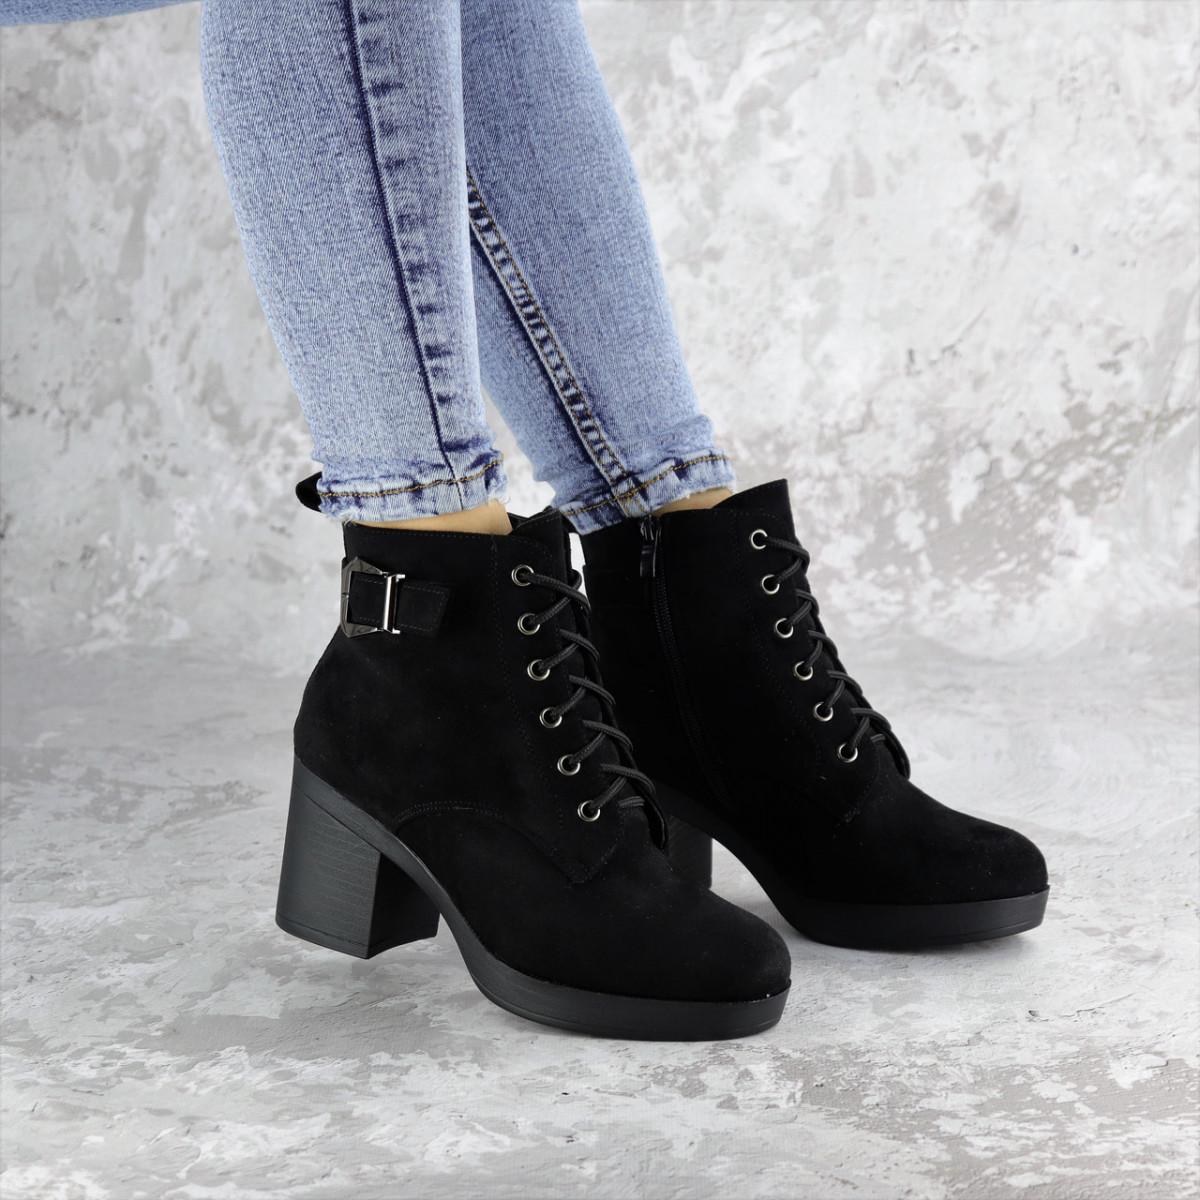 Ботинки женские зимние черные Lil 2320 (37 размер)